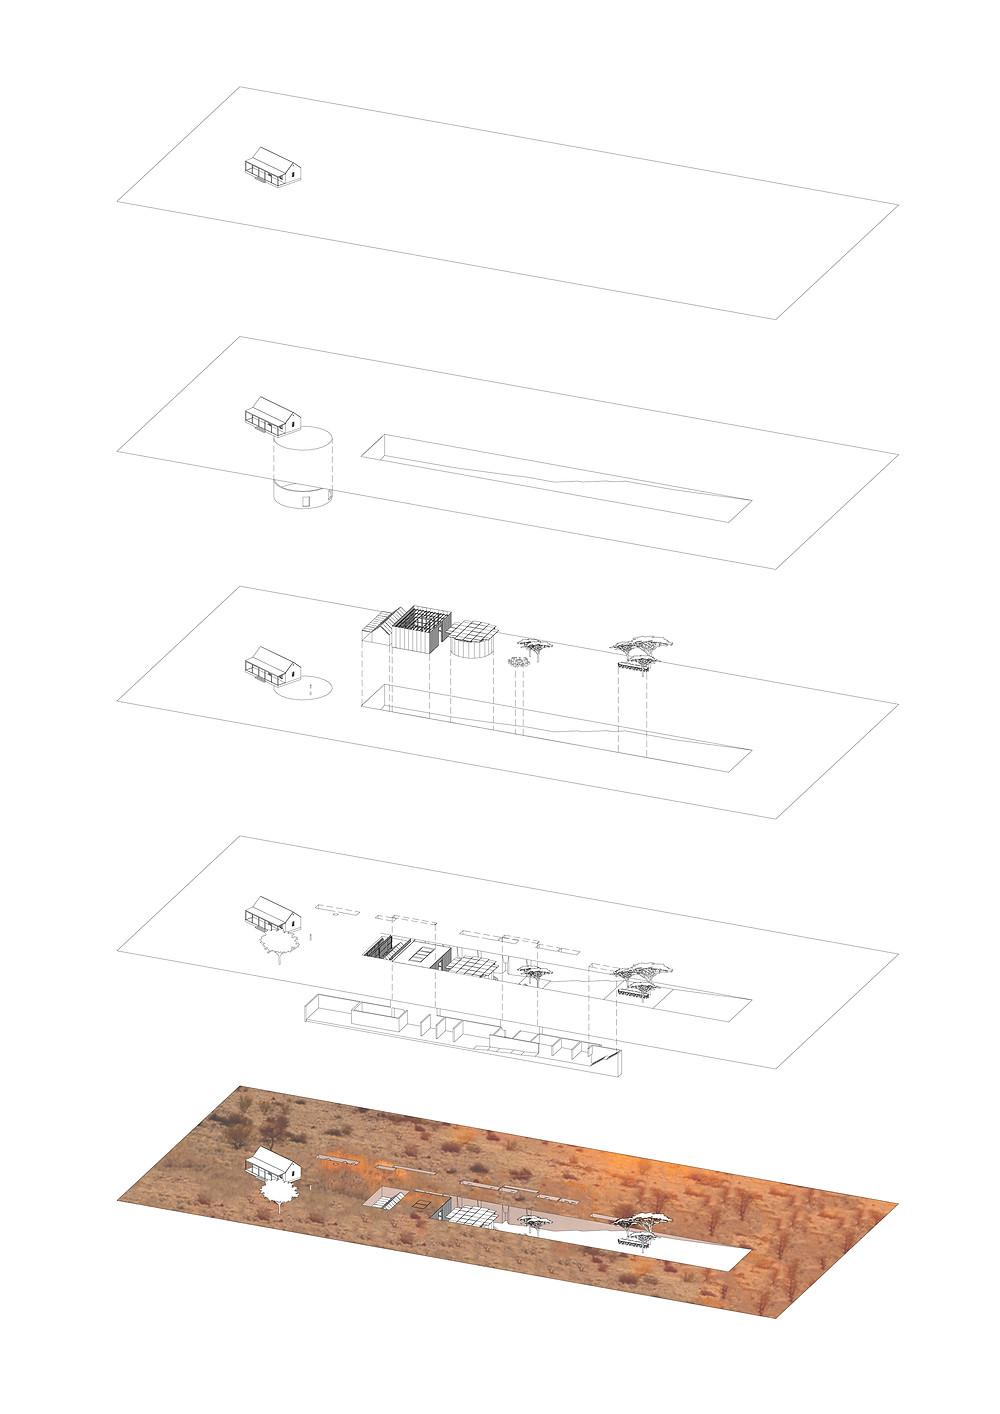 Kalahari Restaurant - Spatial Components